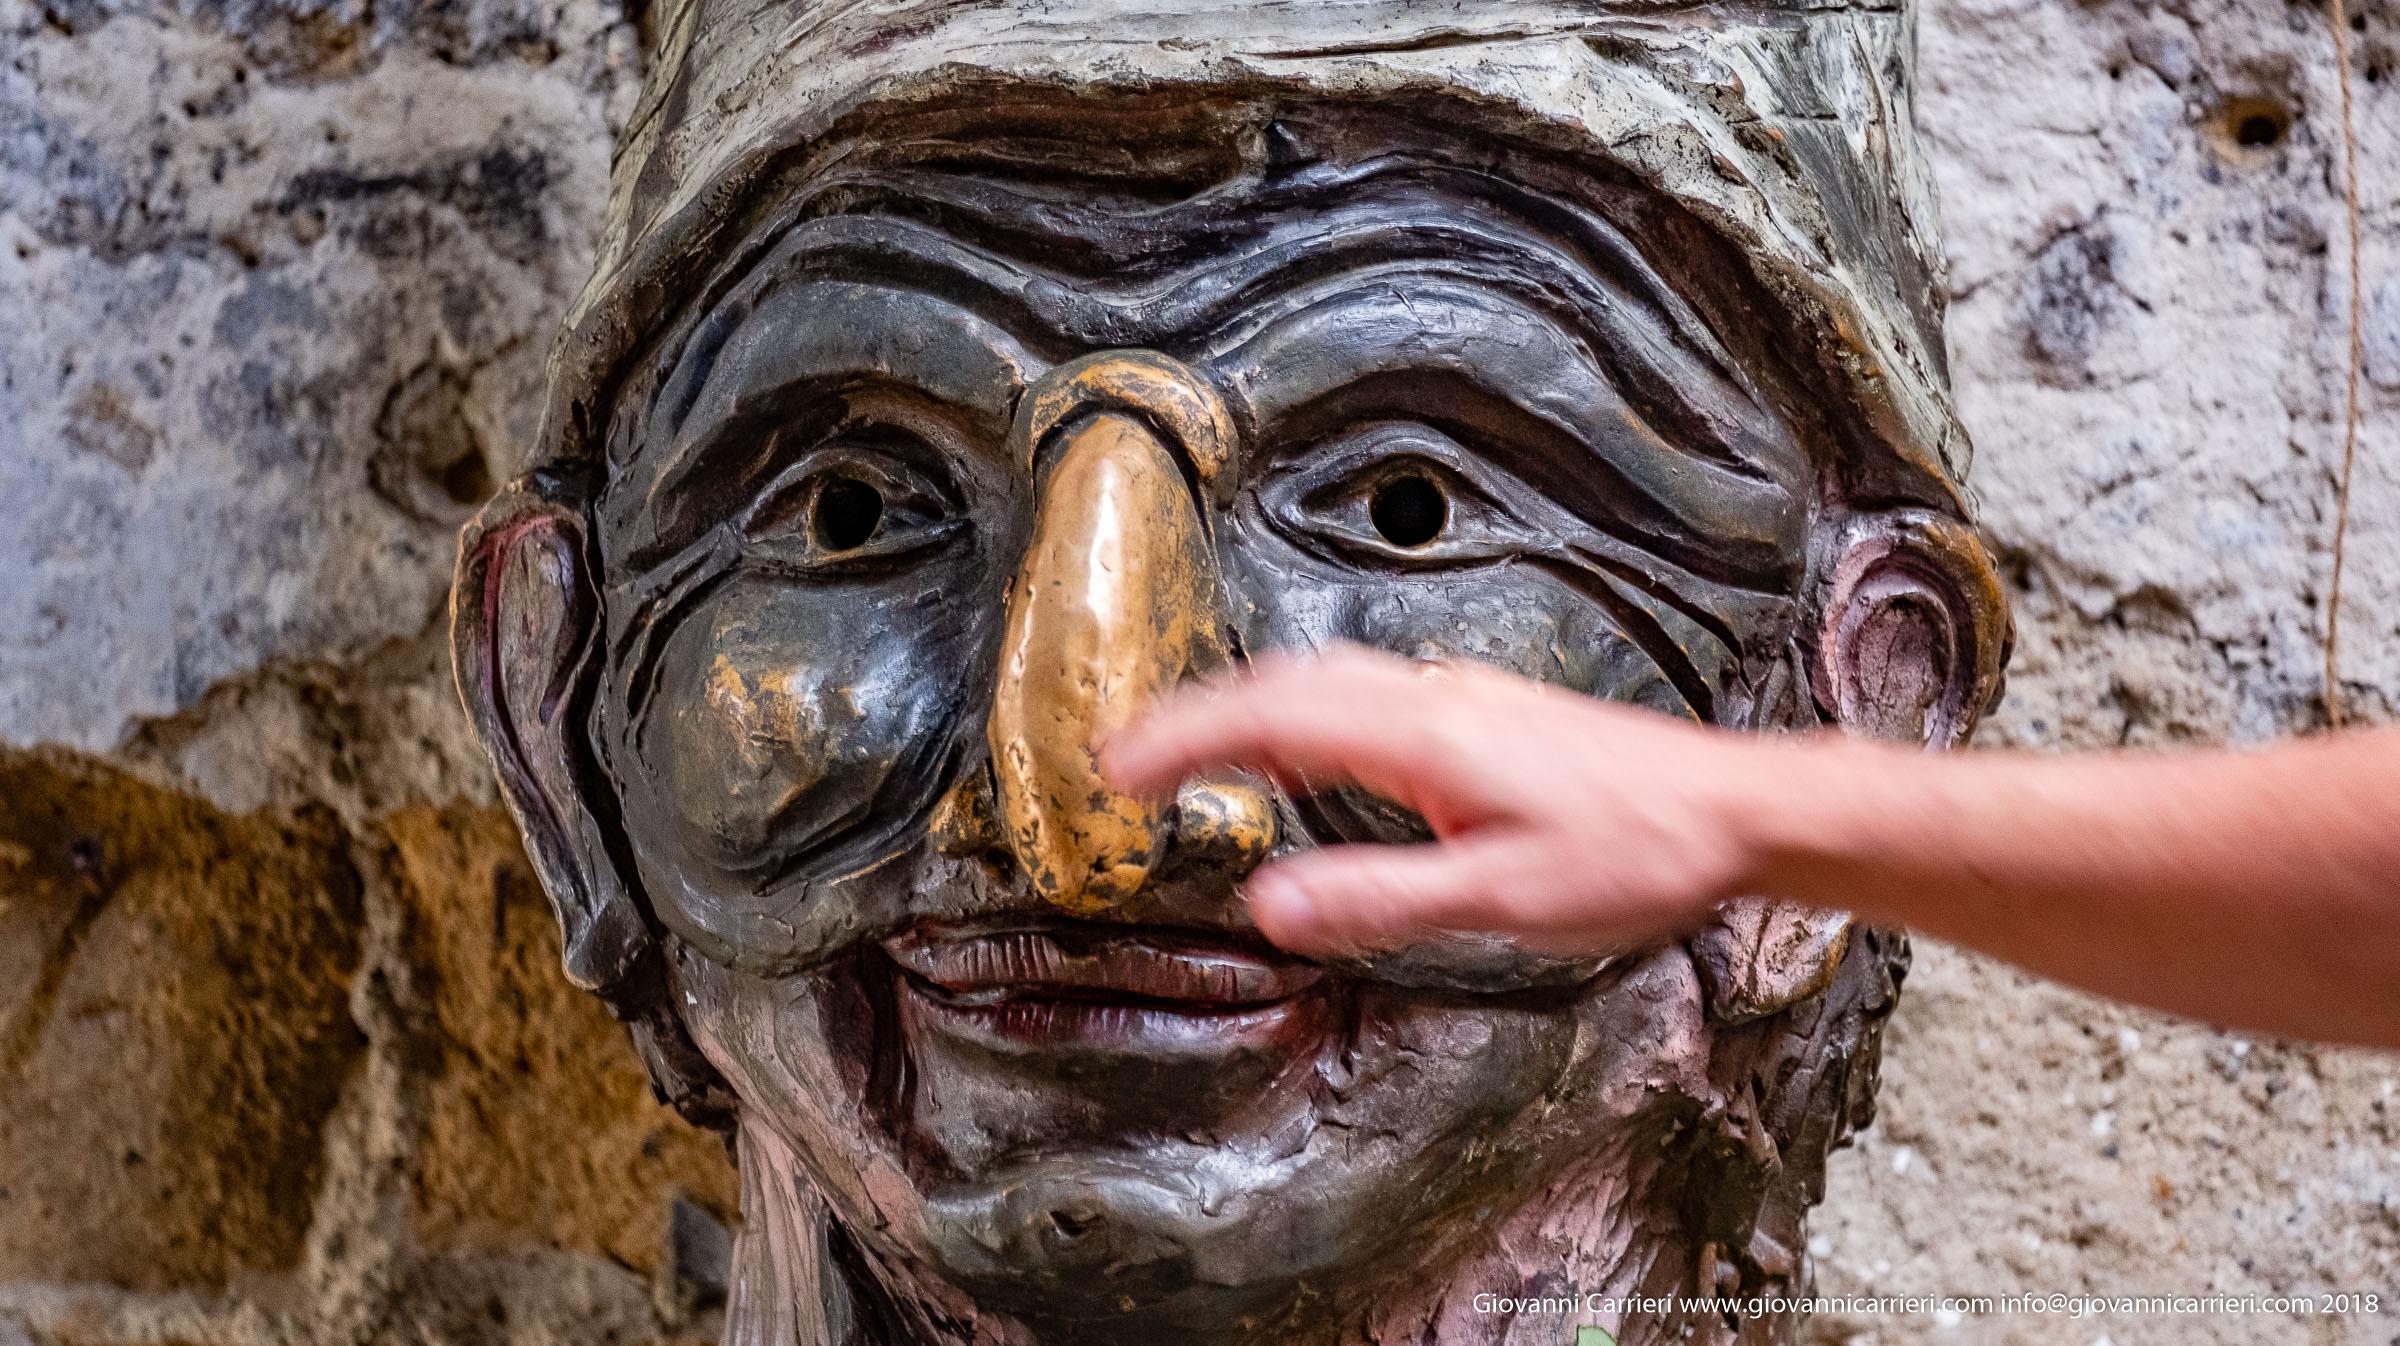 La statua di Pulcinella, ubicata in via dei Tribunali a Napoli